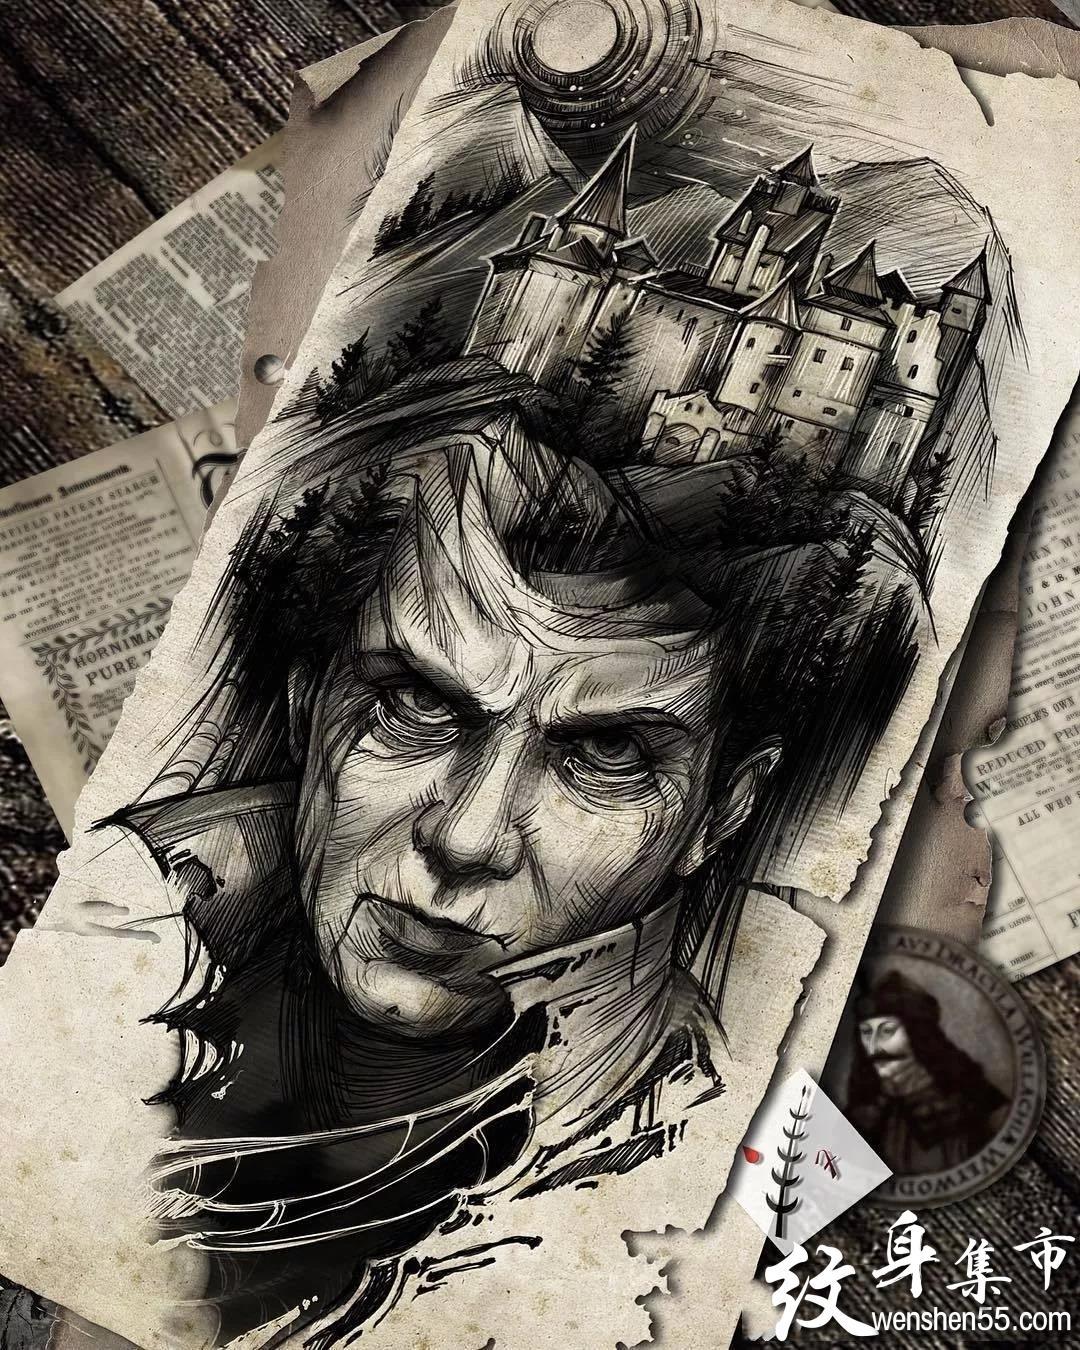 暗黑纹身,暗黑纹身手稿,暗黑纹身手稿图案